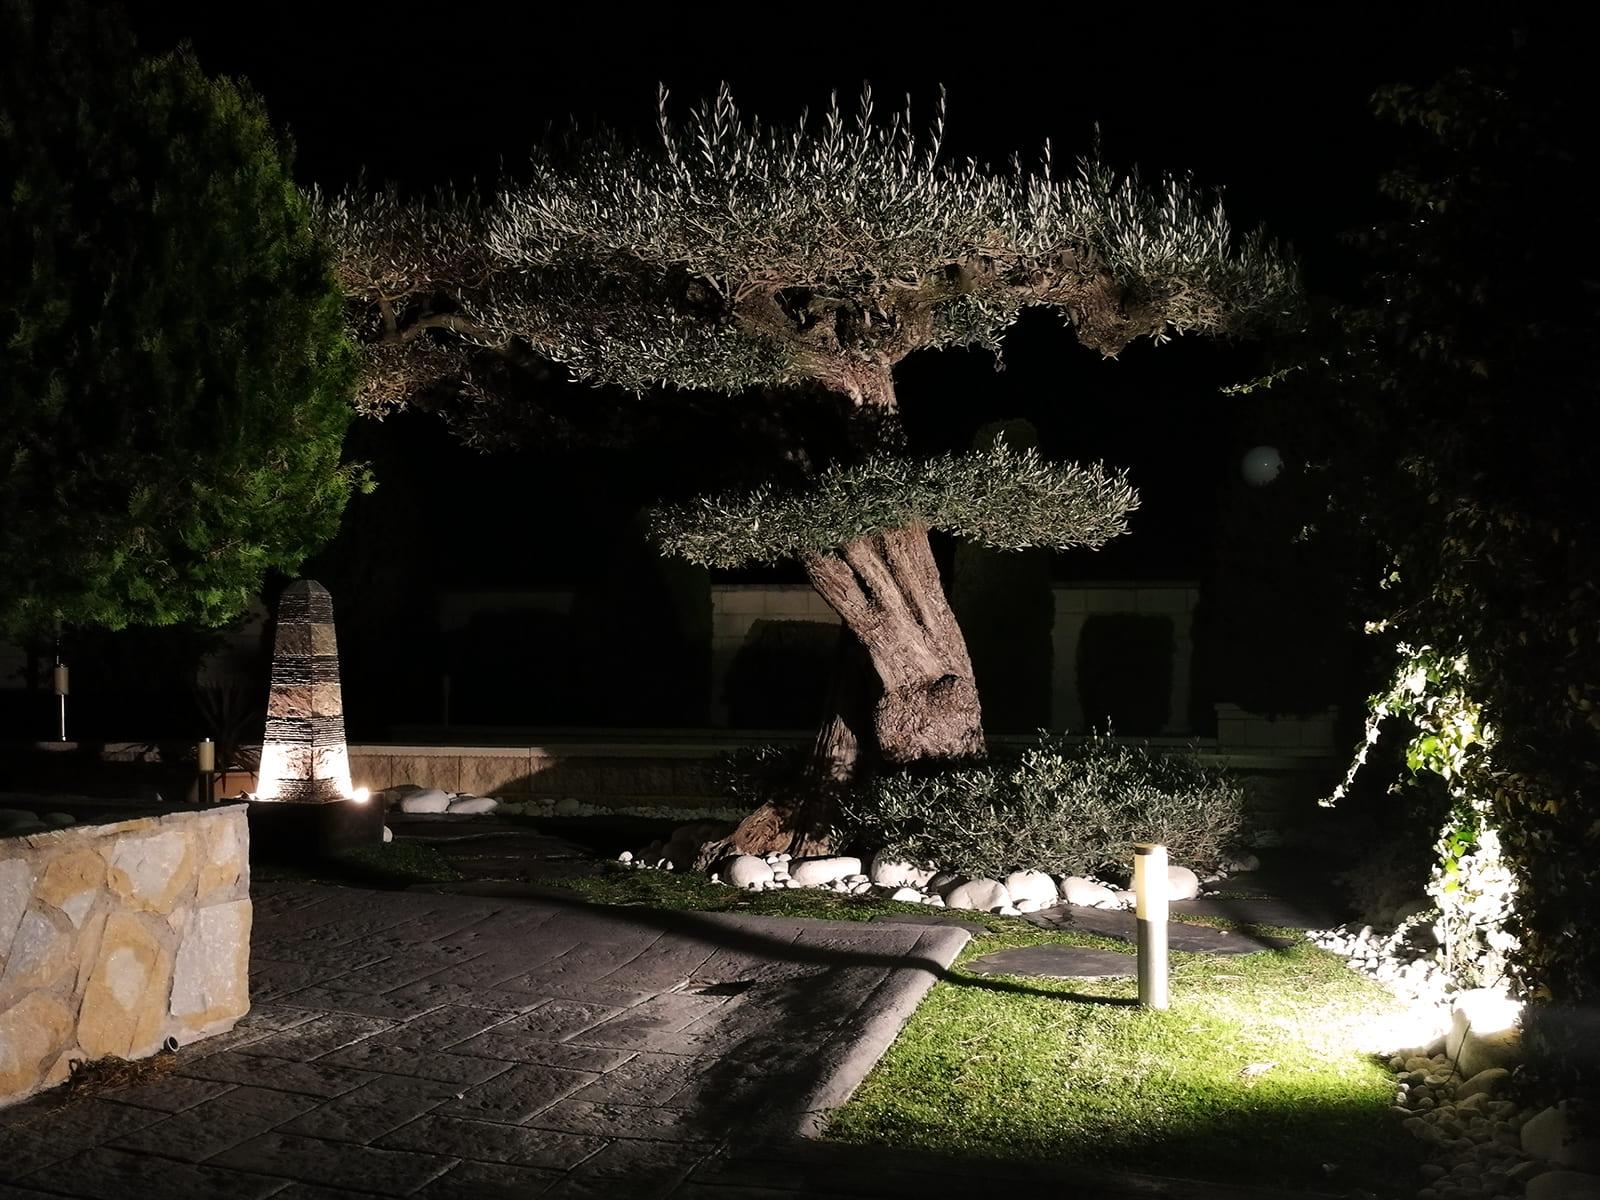 diseño-jardines-espacio-olivo-noche-MM-06_HIDROJARDIN-Bañeres